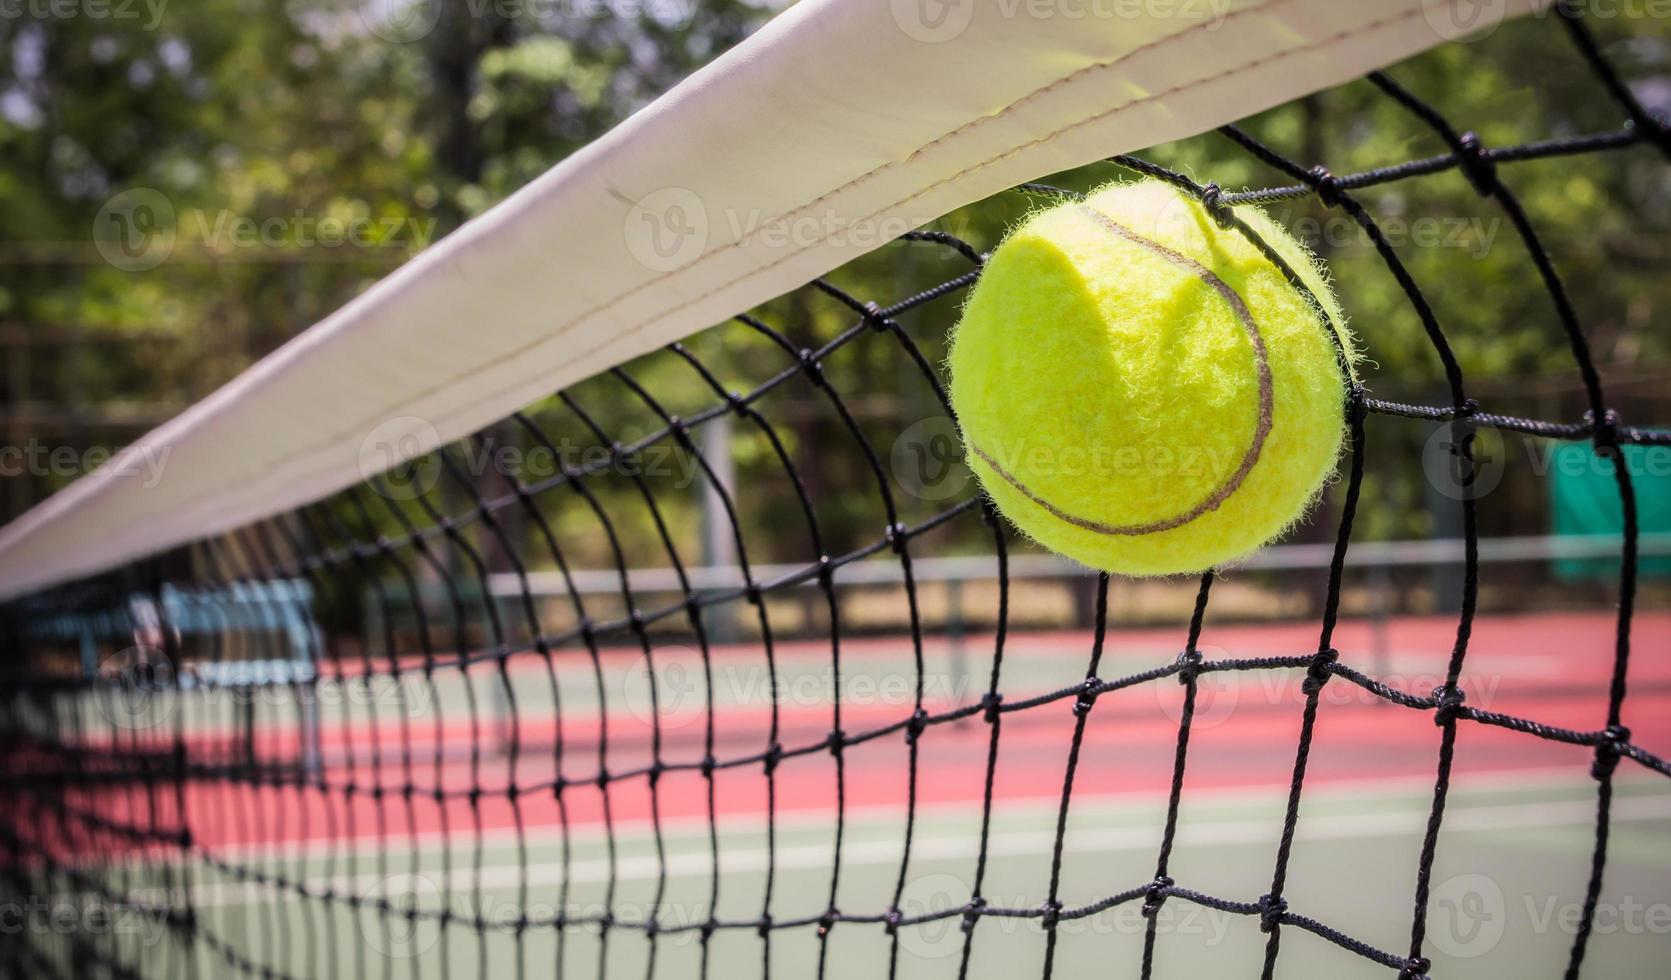 tennisbal in net foto